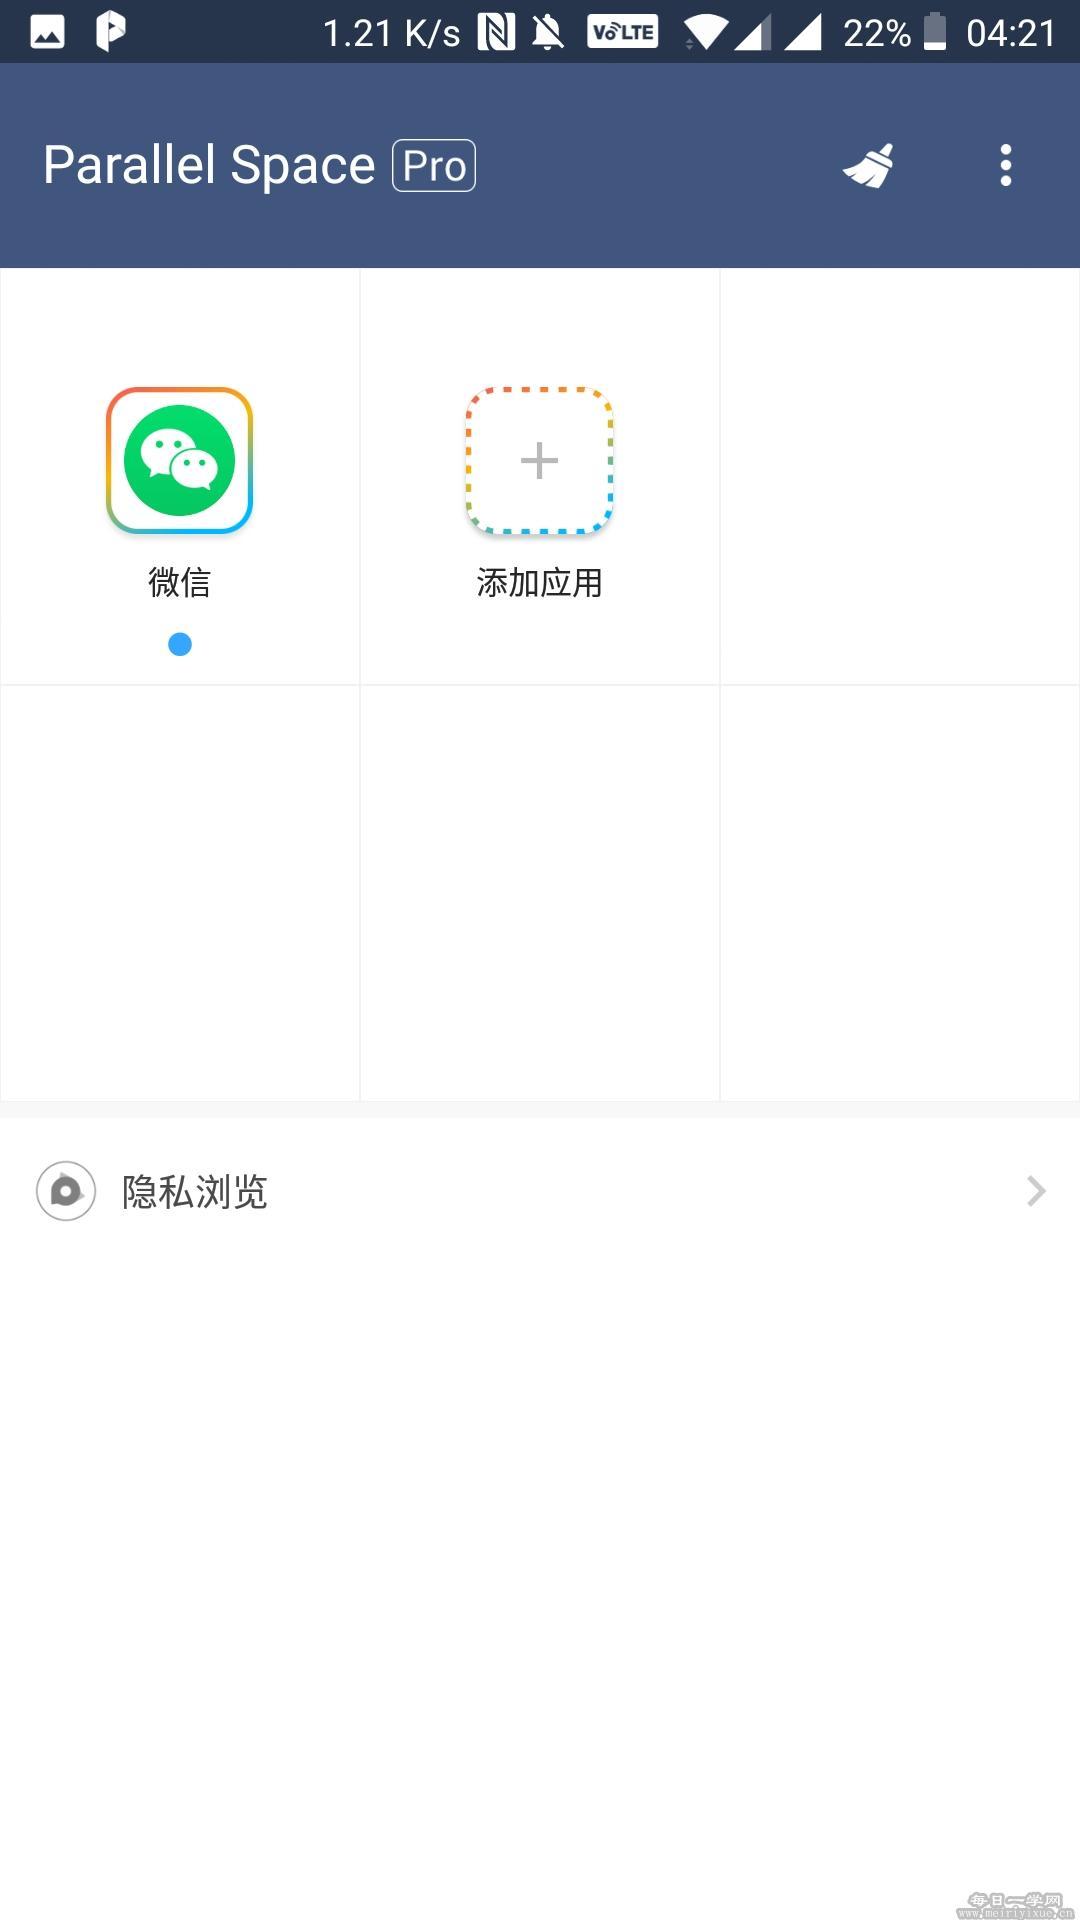 平行空间【手机应用多开】 手机应用 第2张